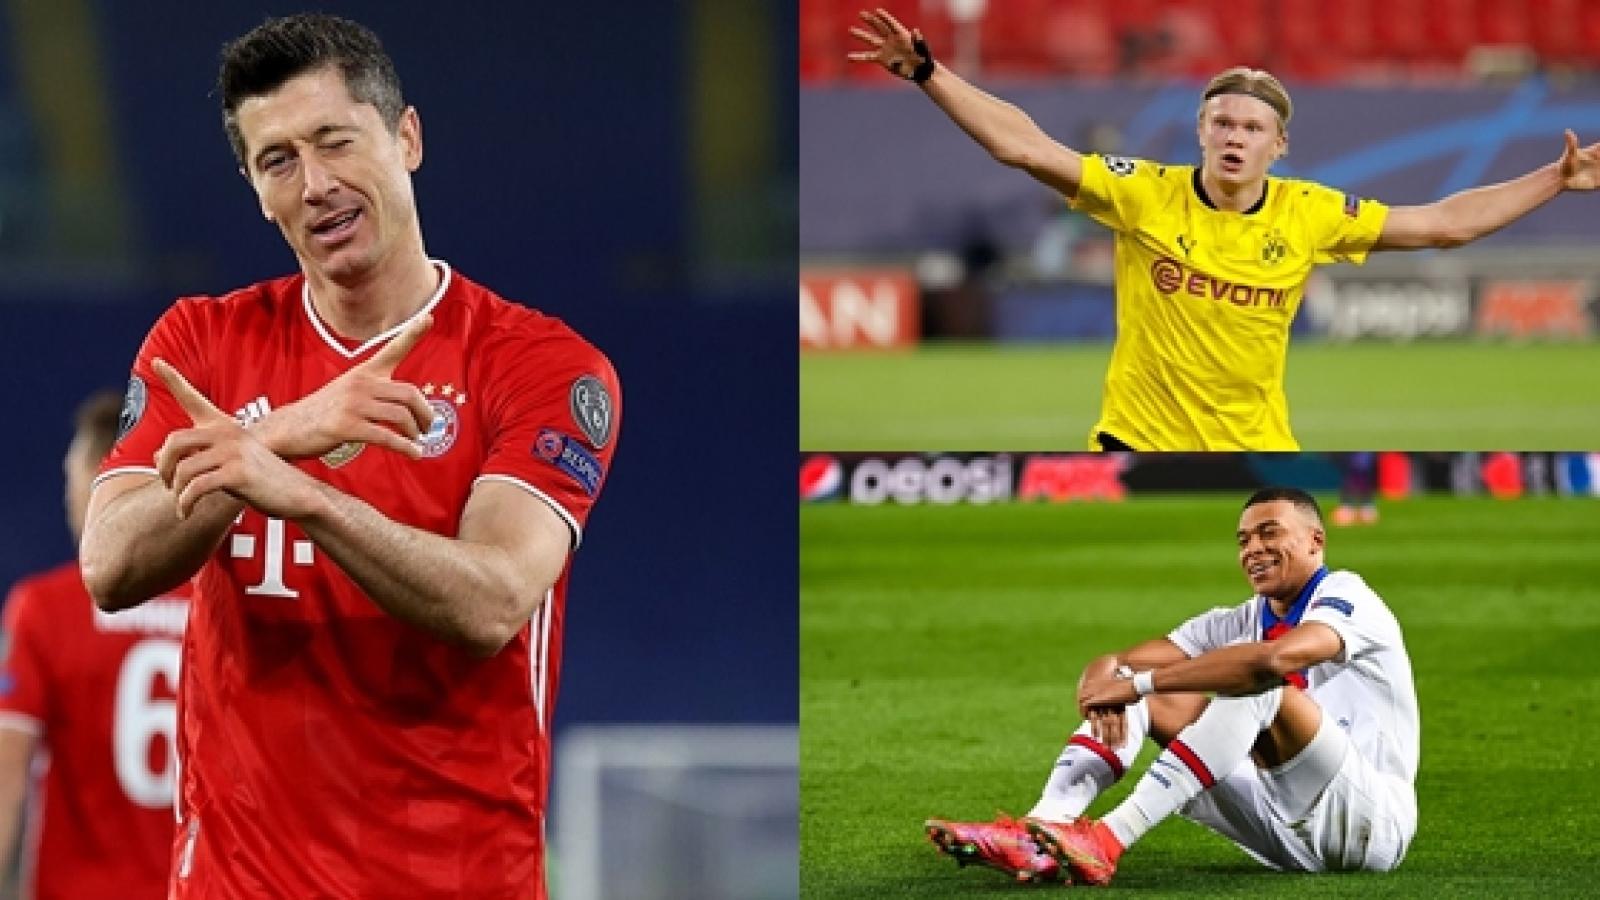 Đội hình hay nhất lượt đi vòng 1/8 Champions League